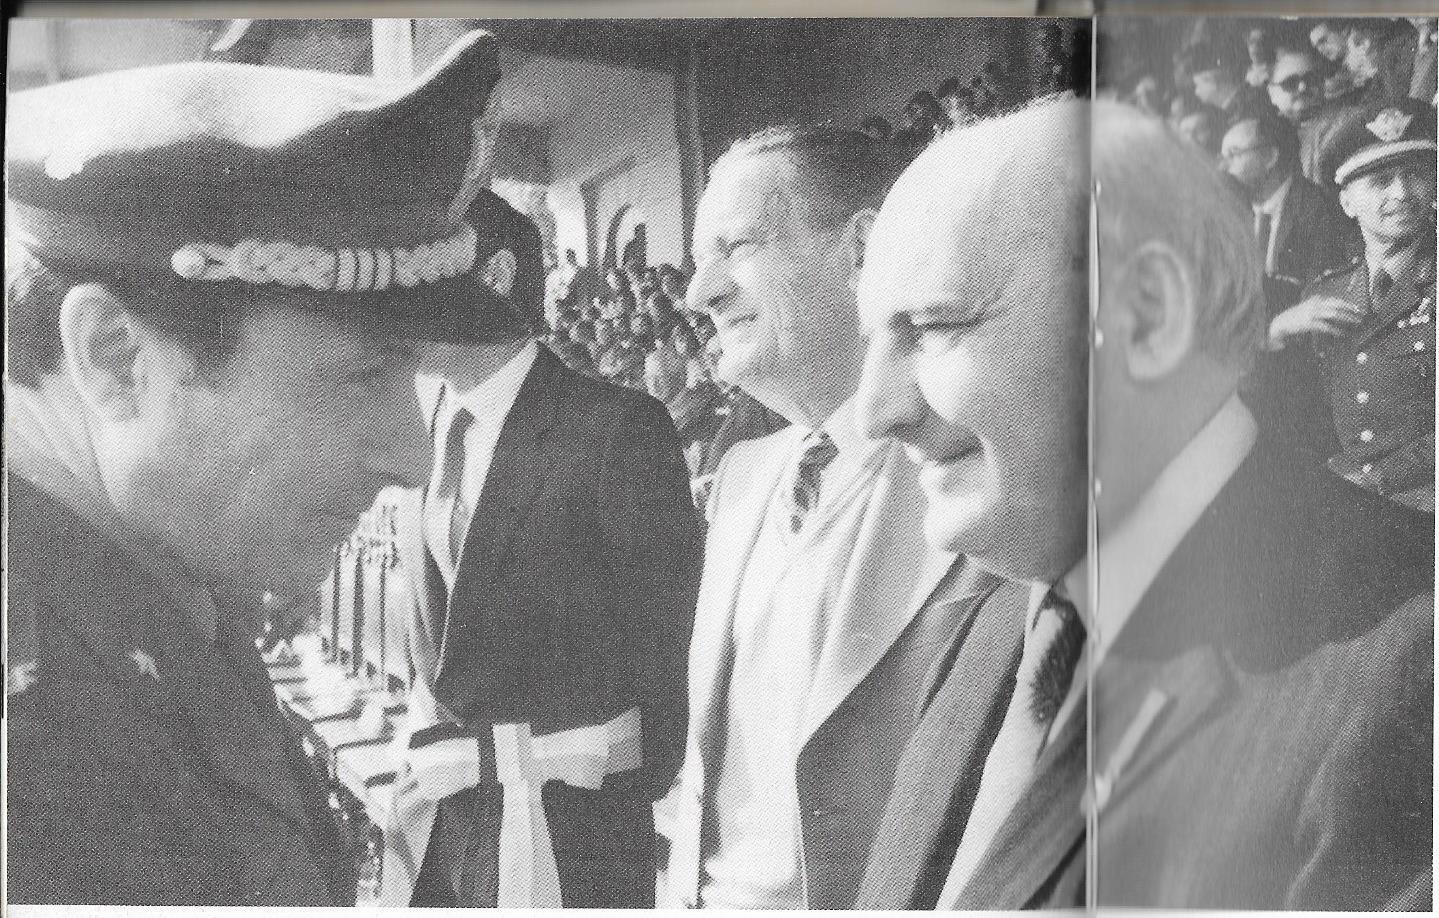 Boldrini con il Capo di S.M. Generale della Difesa, Gen. Bisognero e Zaccagnini